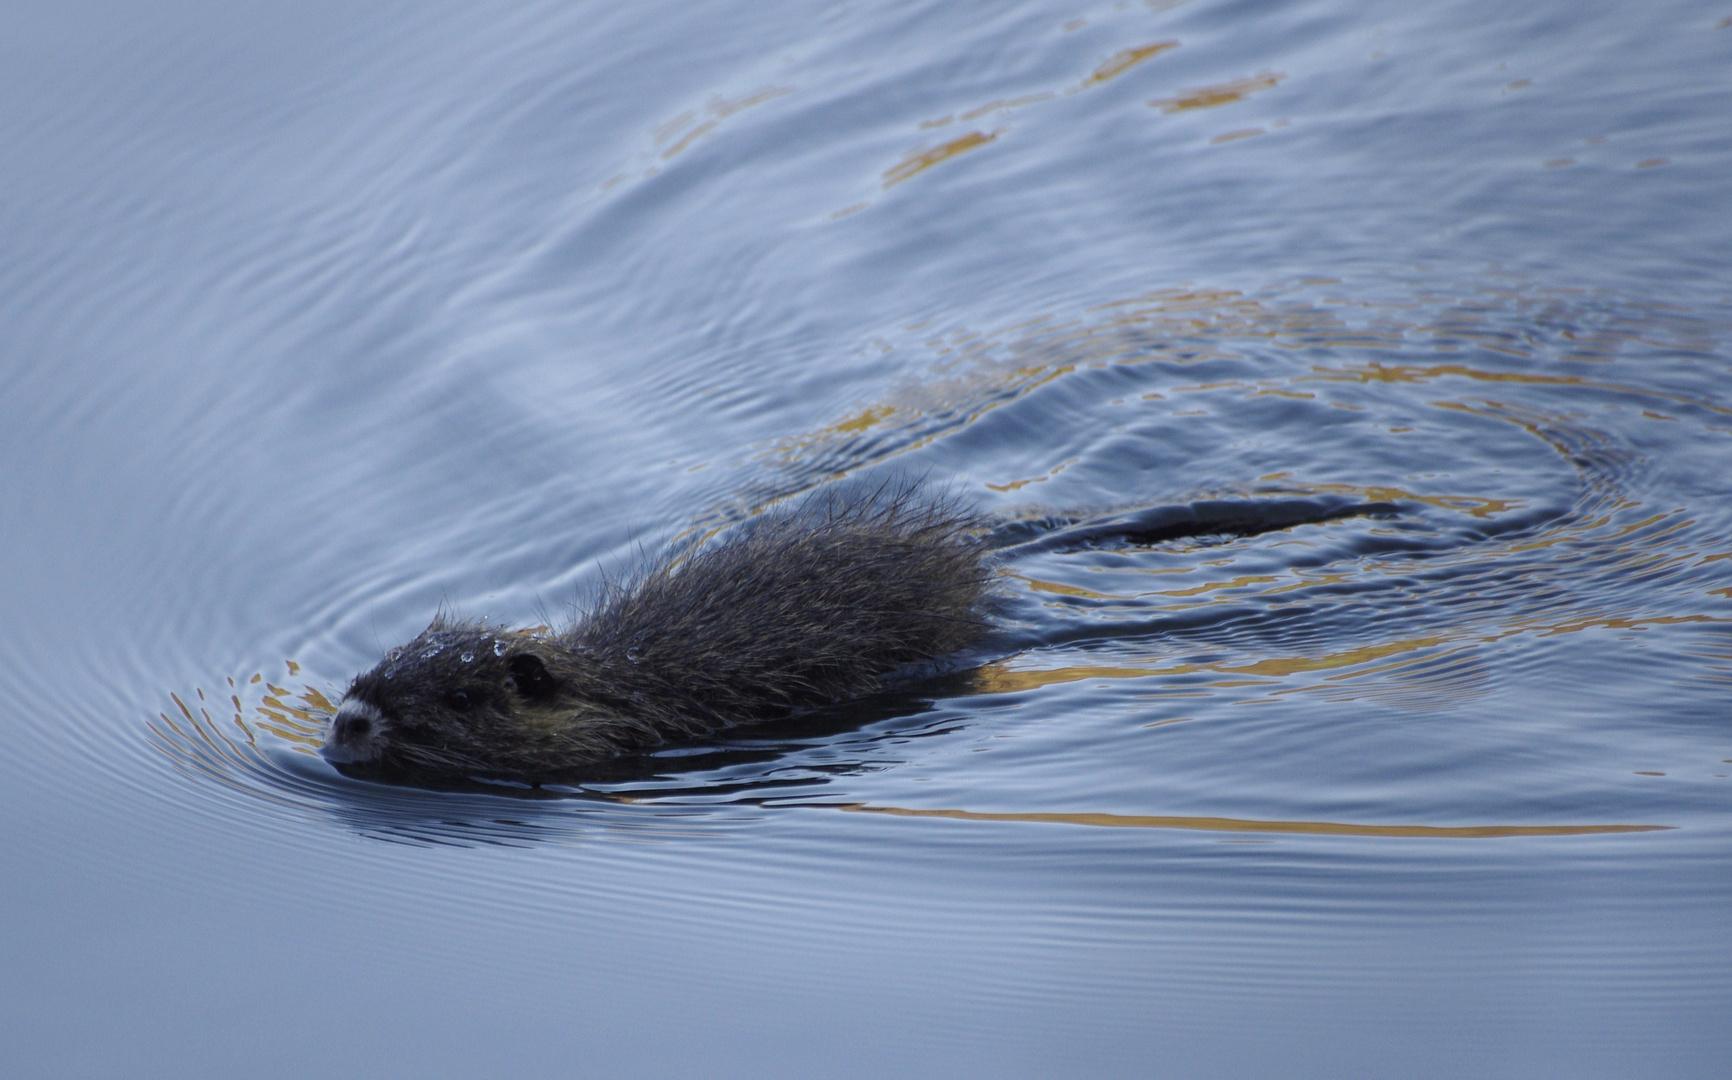 Schwimmausflug (Nutria)